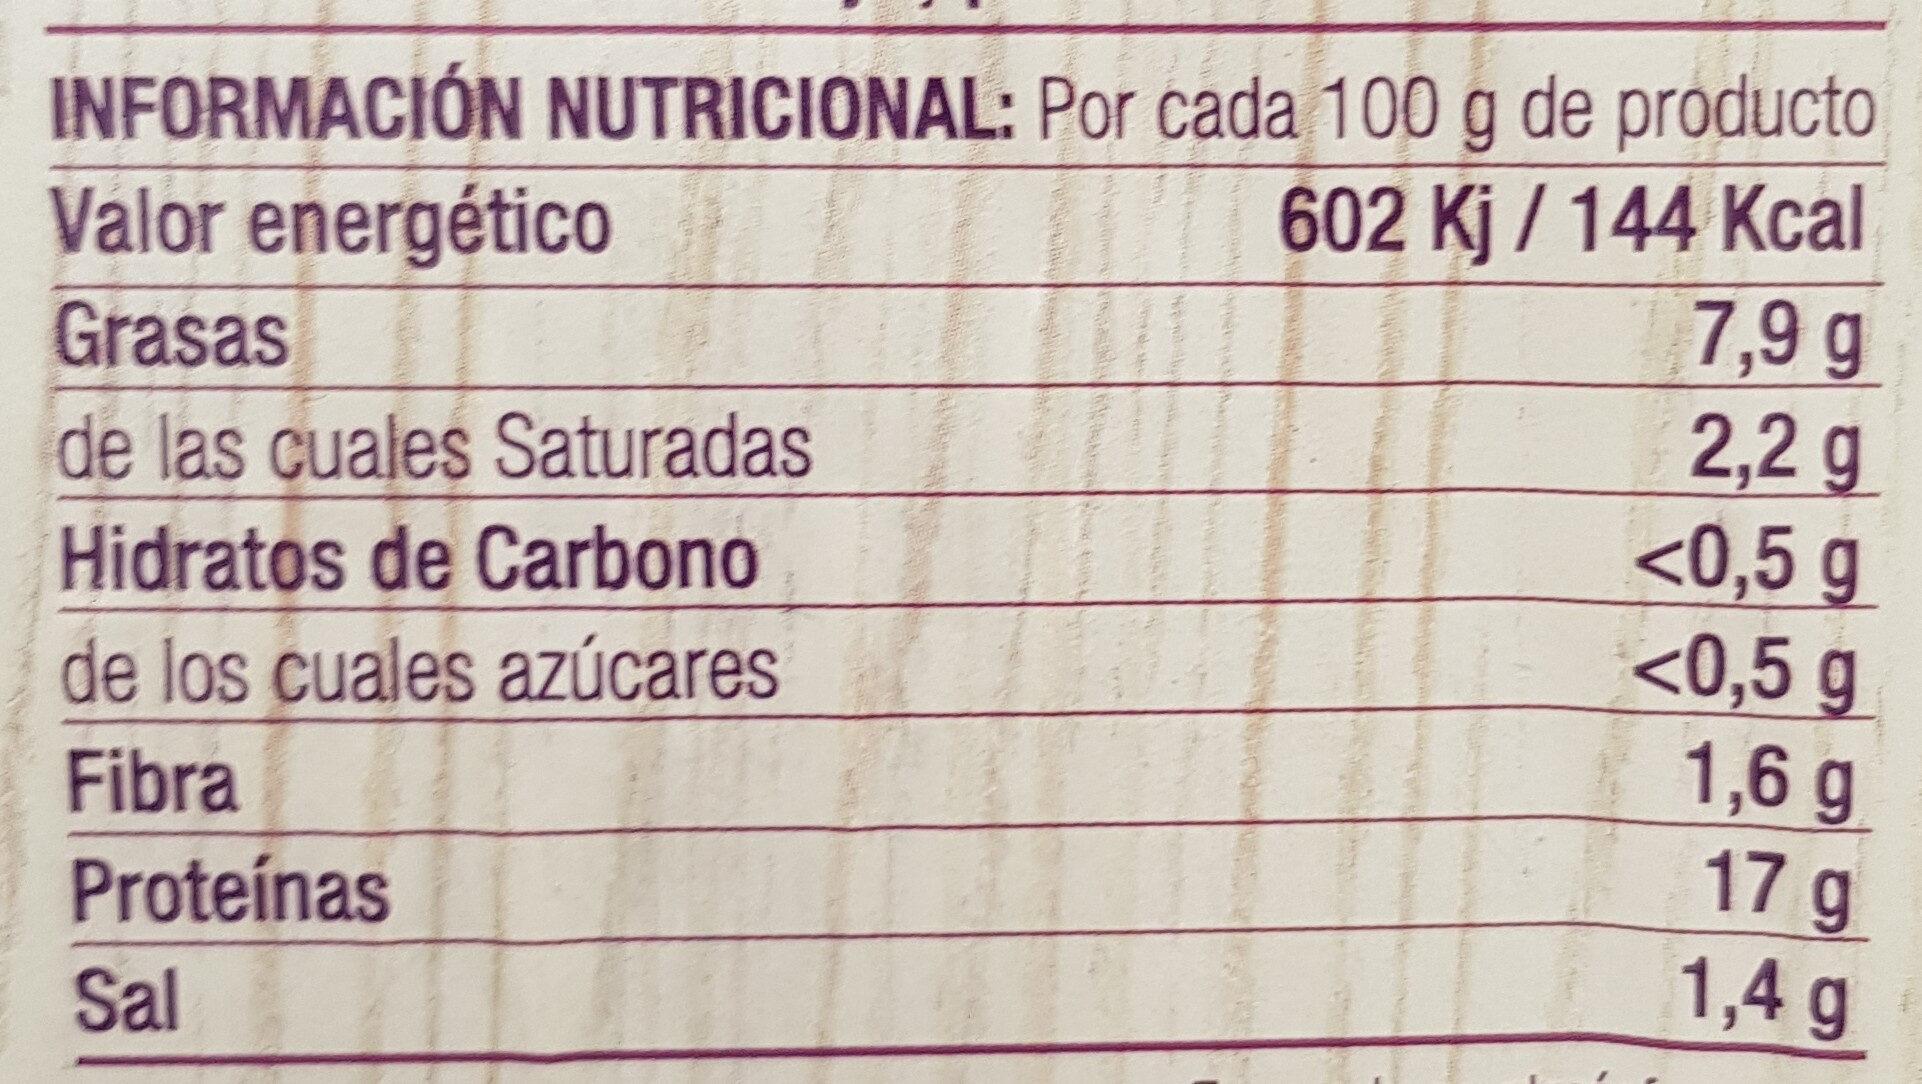 Hamburgesas - Información nutricional